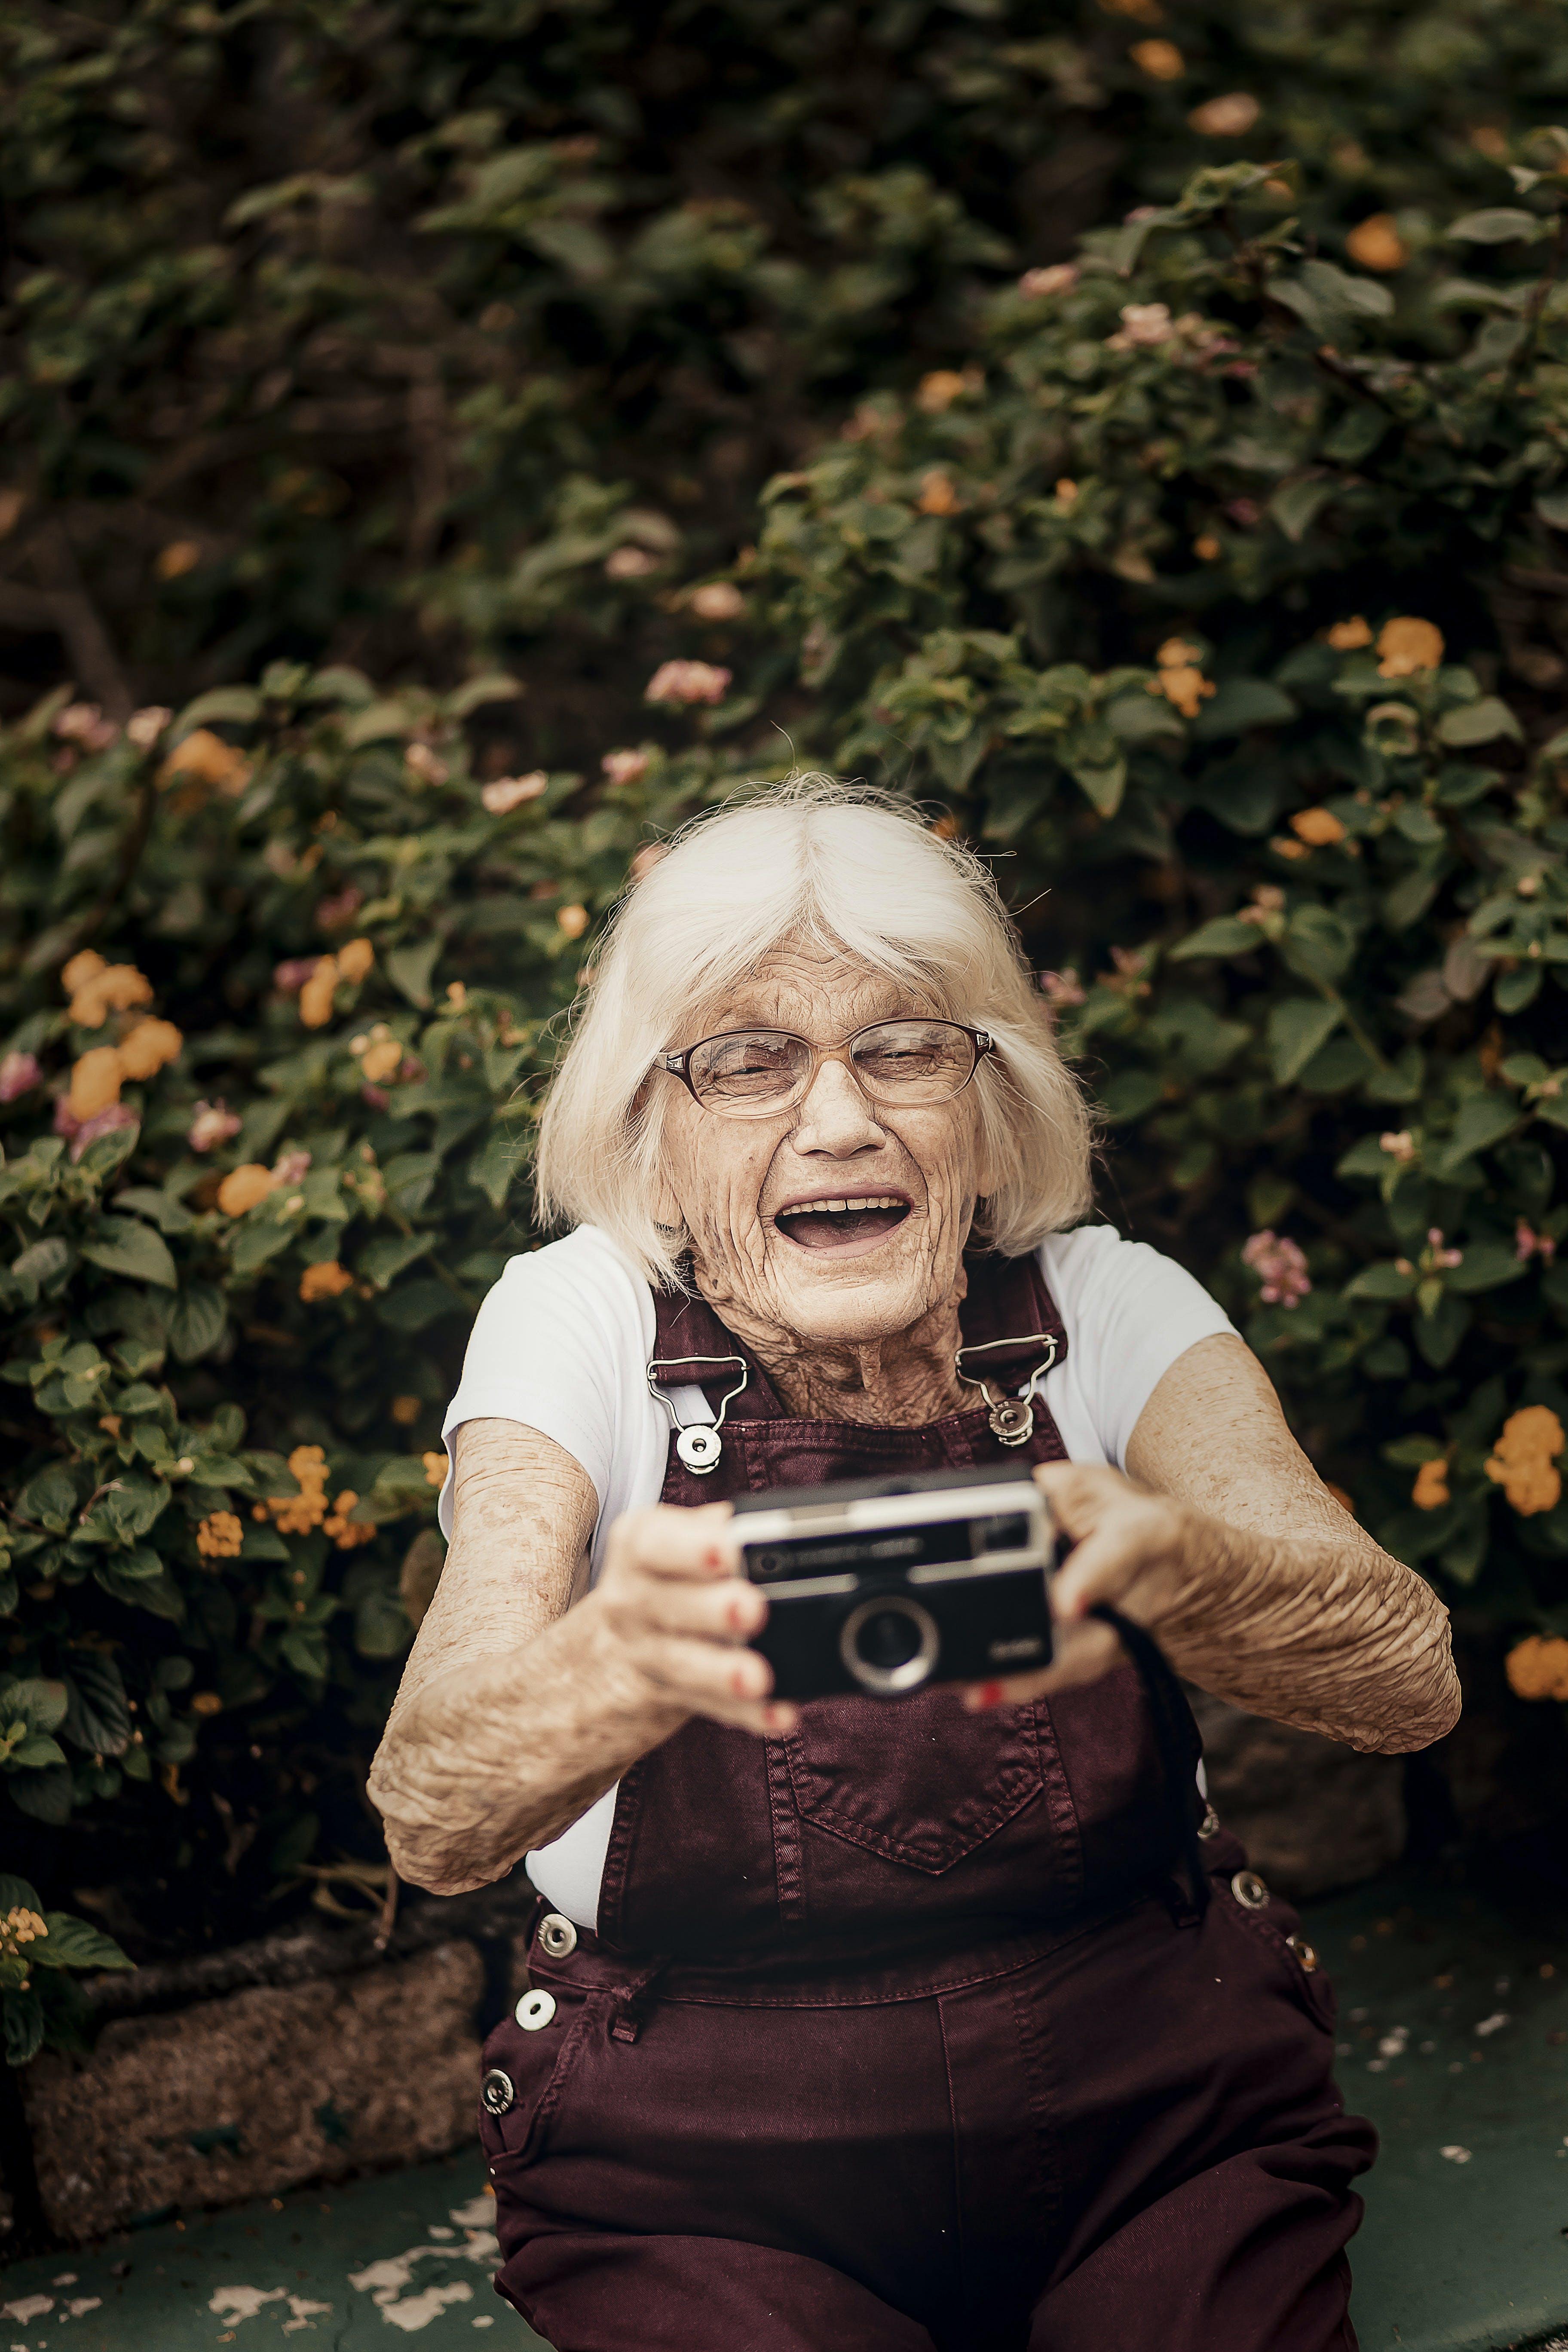 Kostnadsfri bild av äldre, kvinna, person, porträtt